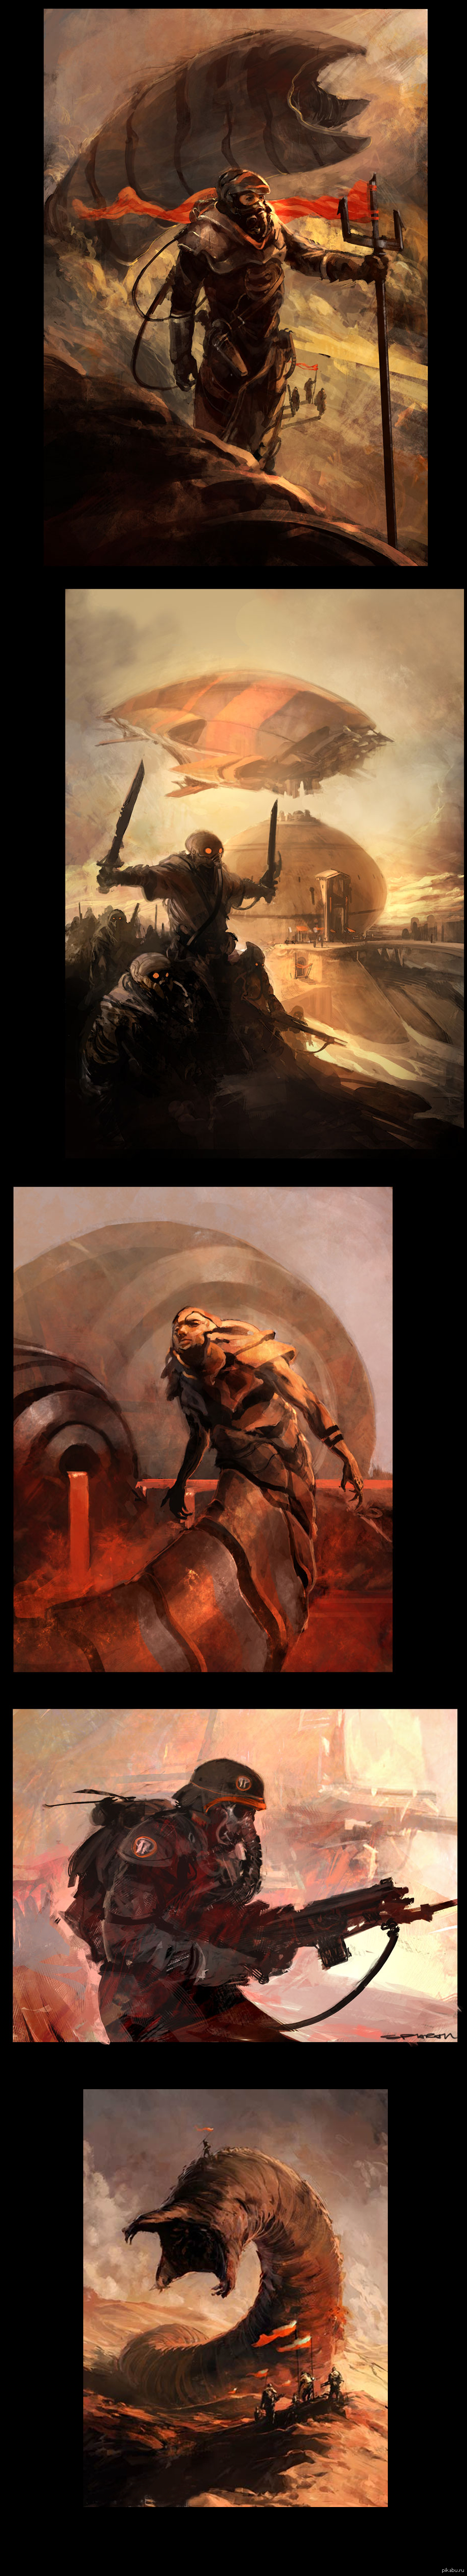 """Великая Дюна Выкладываю на обозрение арты по культовой литературной вселенной """"Dune"""""""